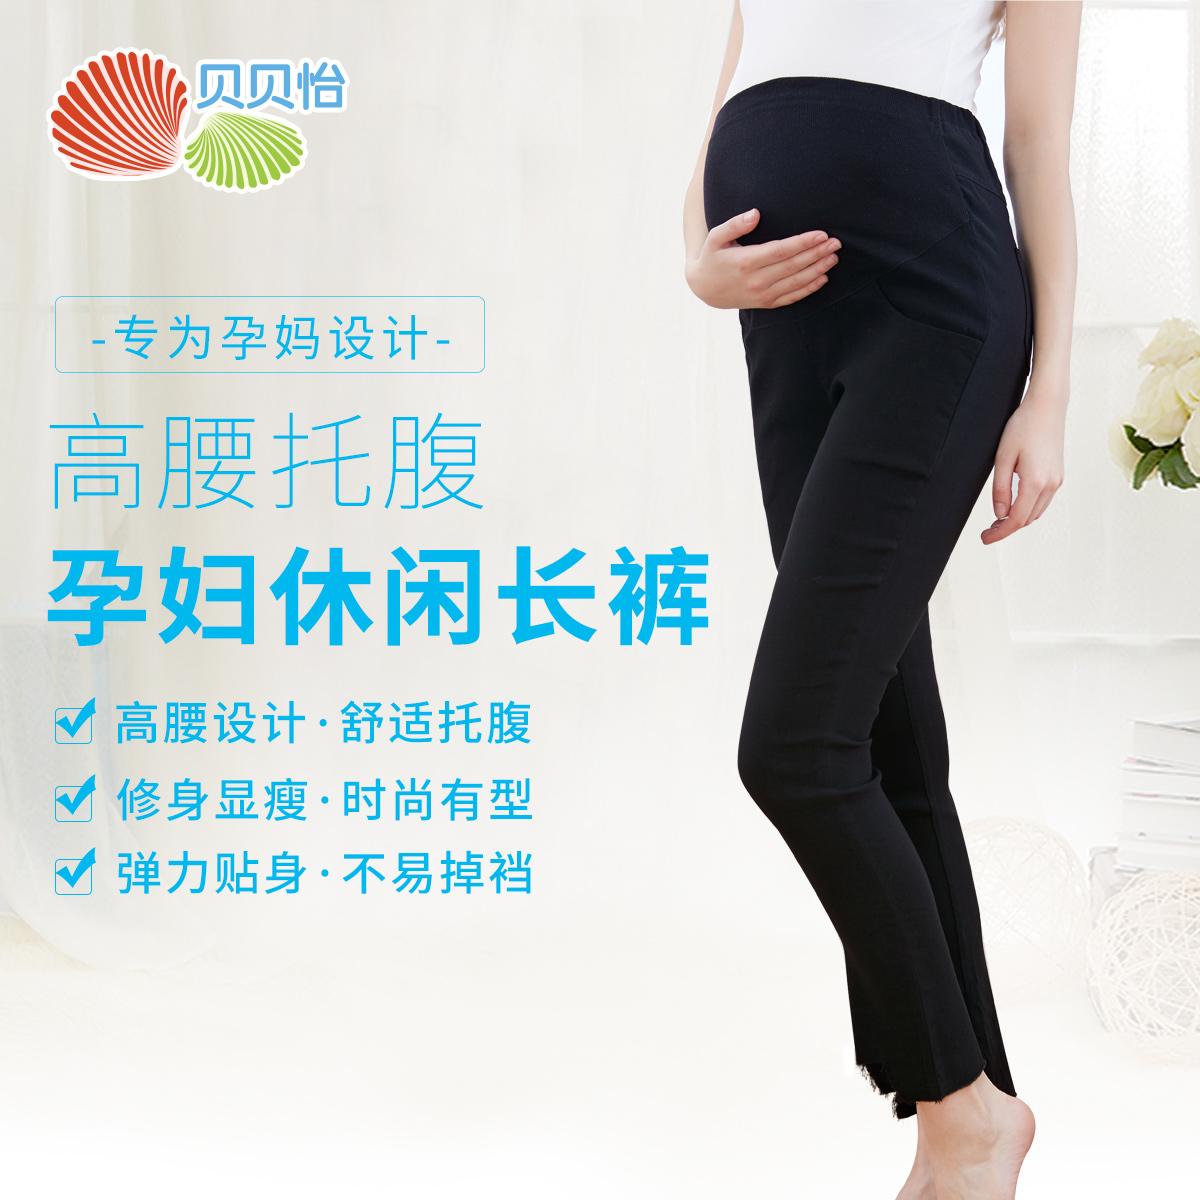 贝贝怡孕妇高腰托腹休闲裤怀孕期孕妇装打底裤显瘦外穿裤173Y227